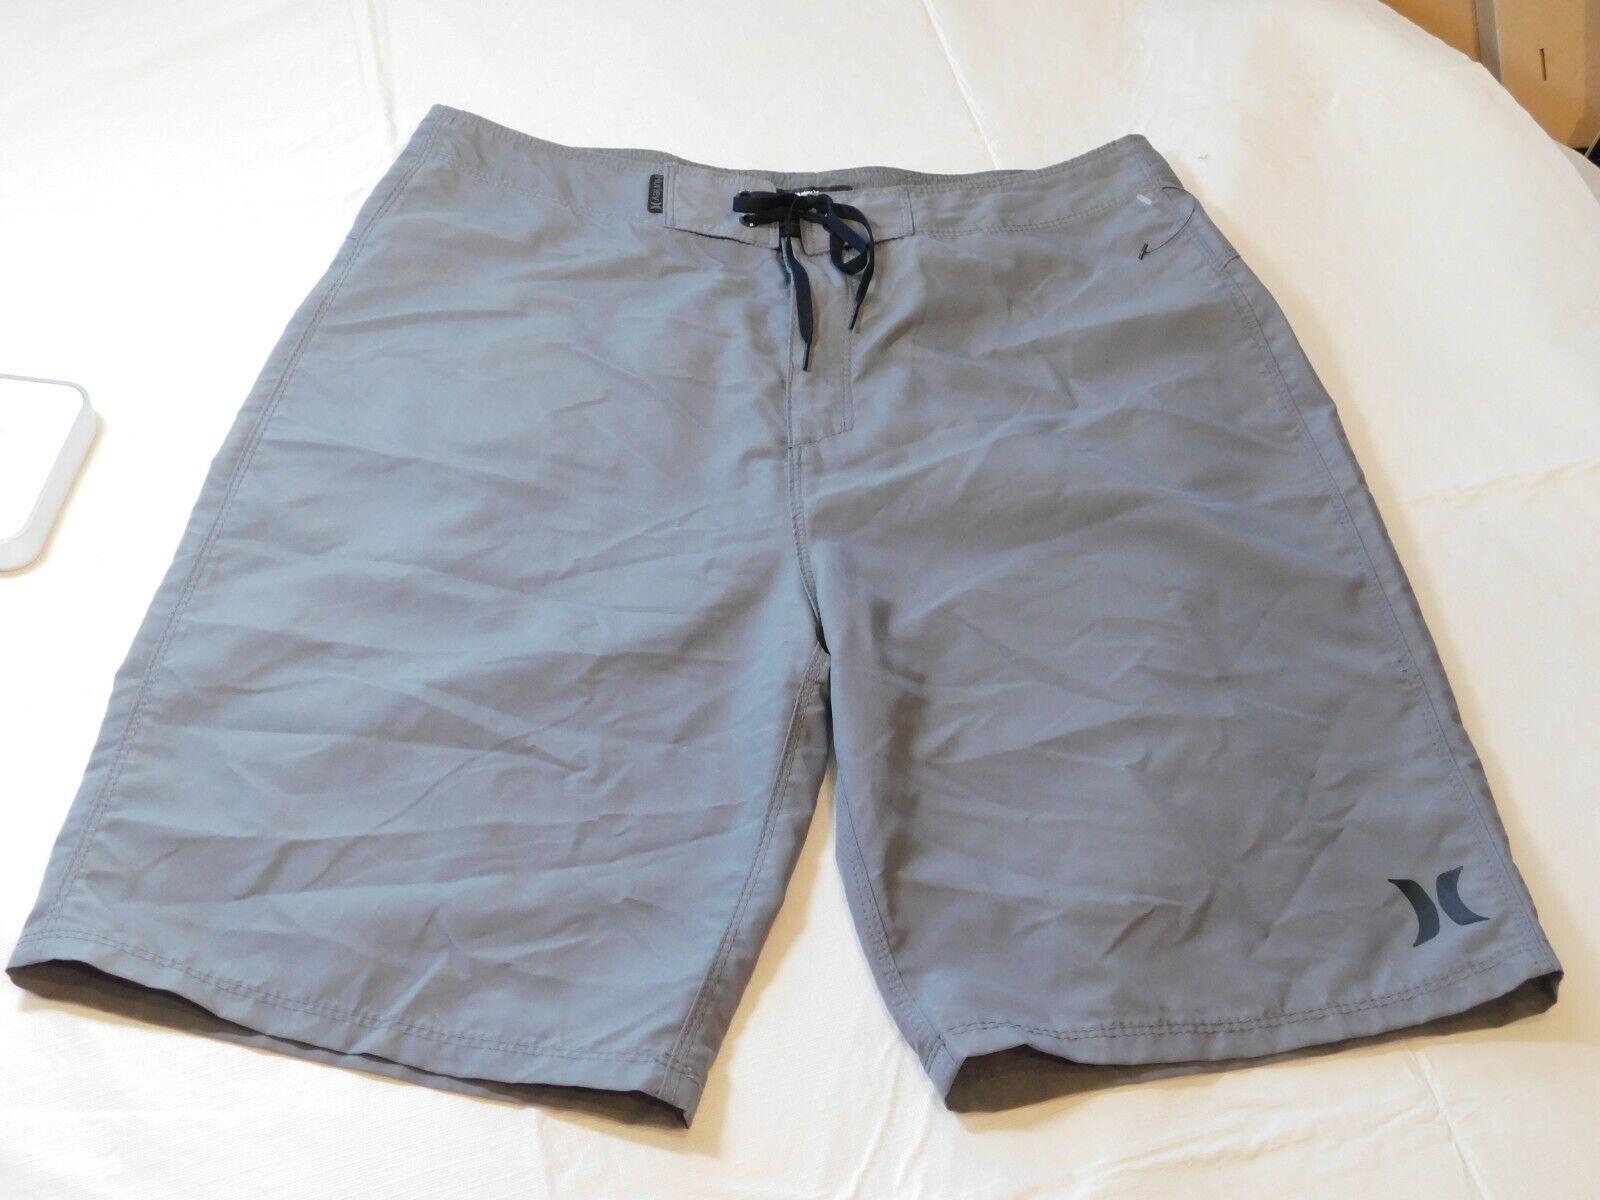 Hurley Mens Board Shorts 923629 38 Length 21